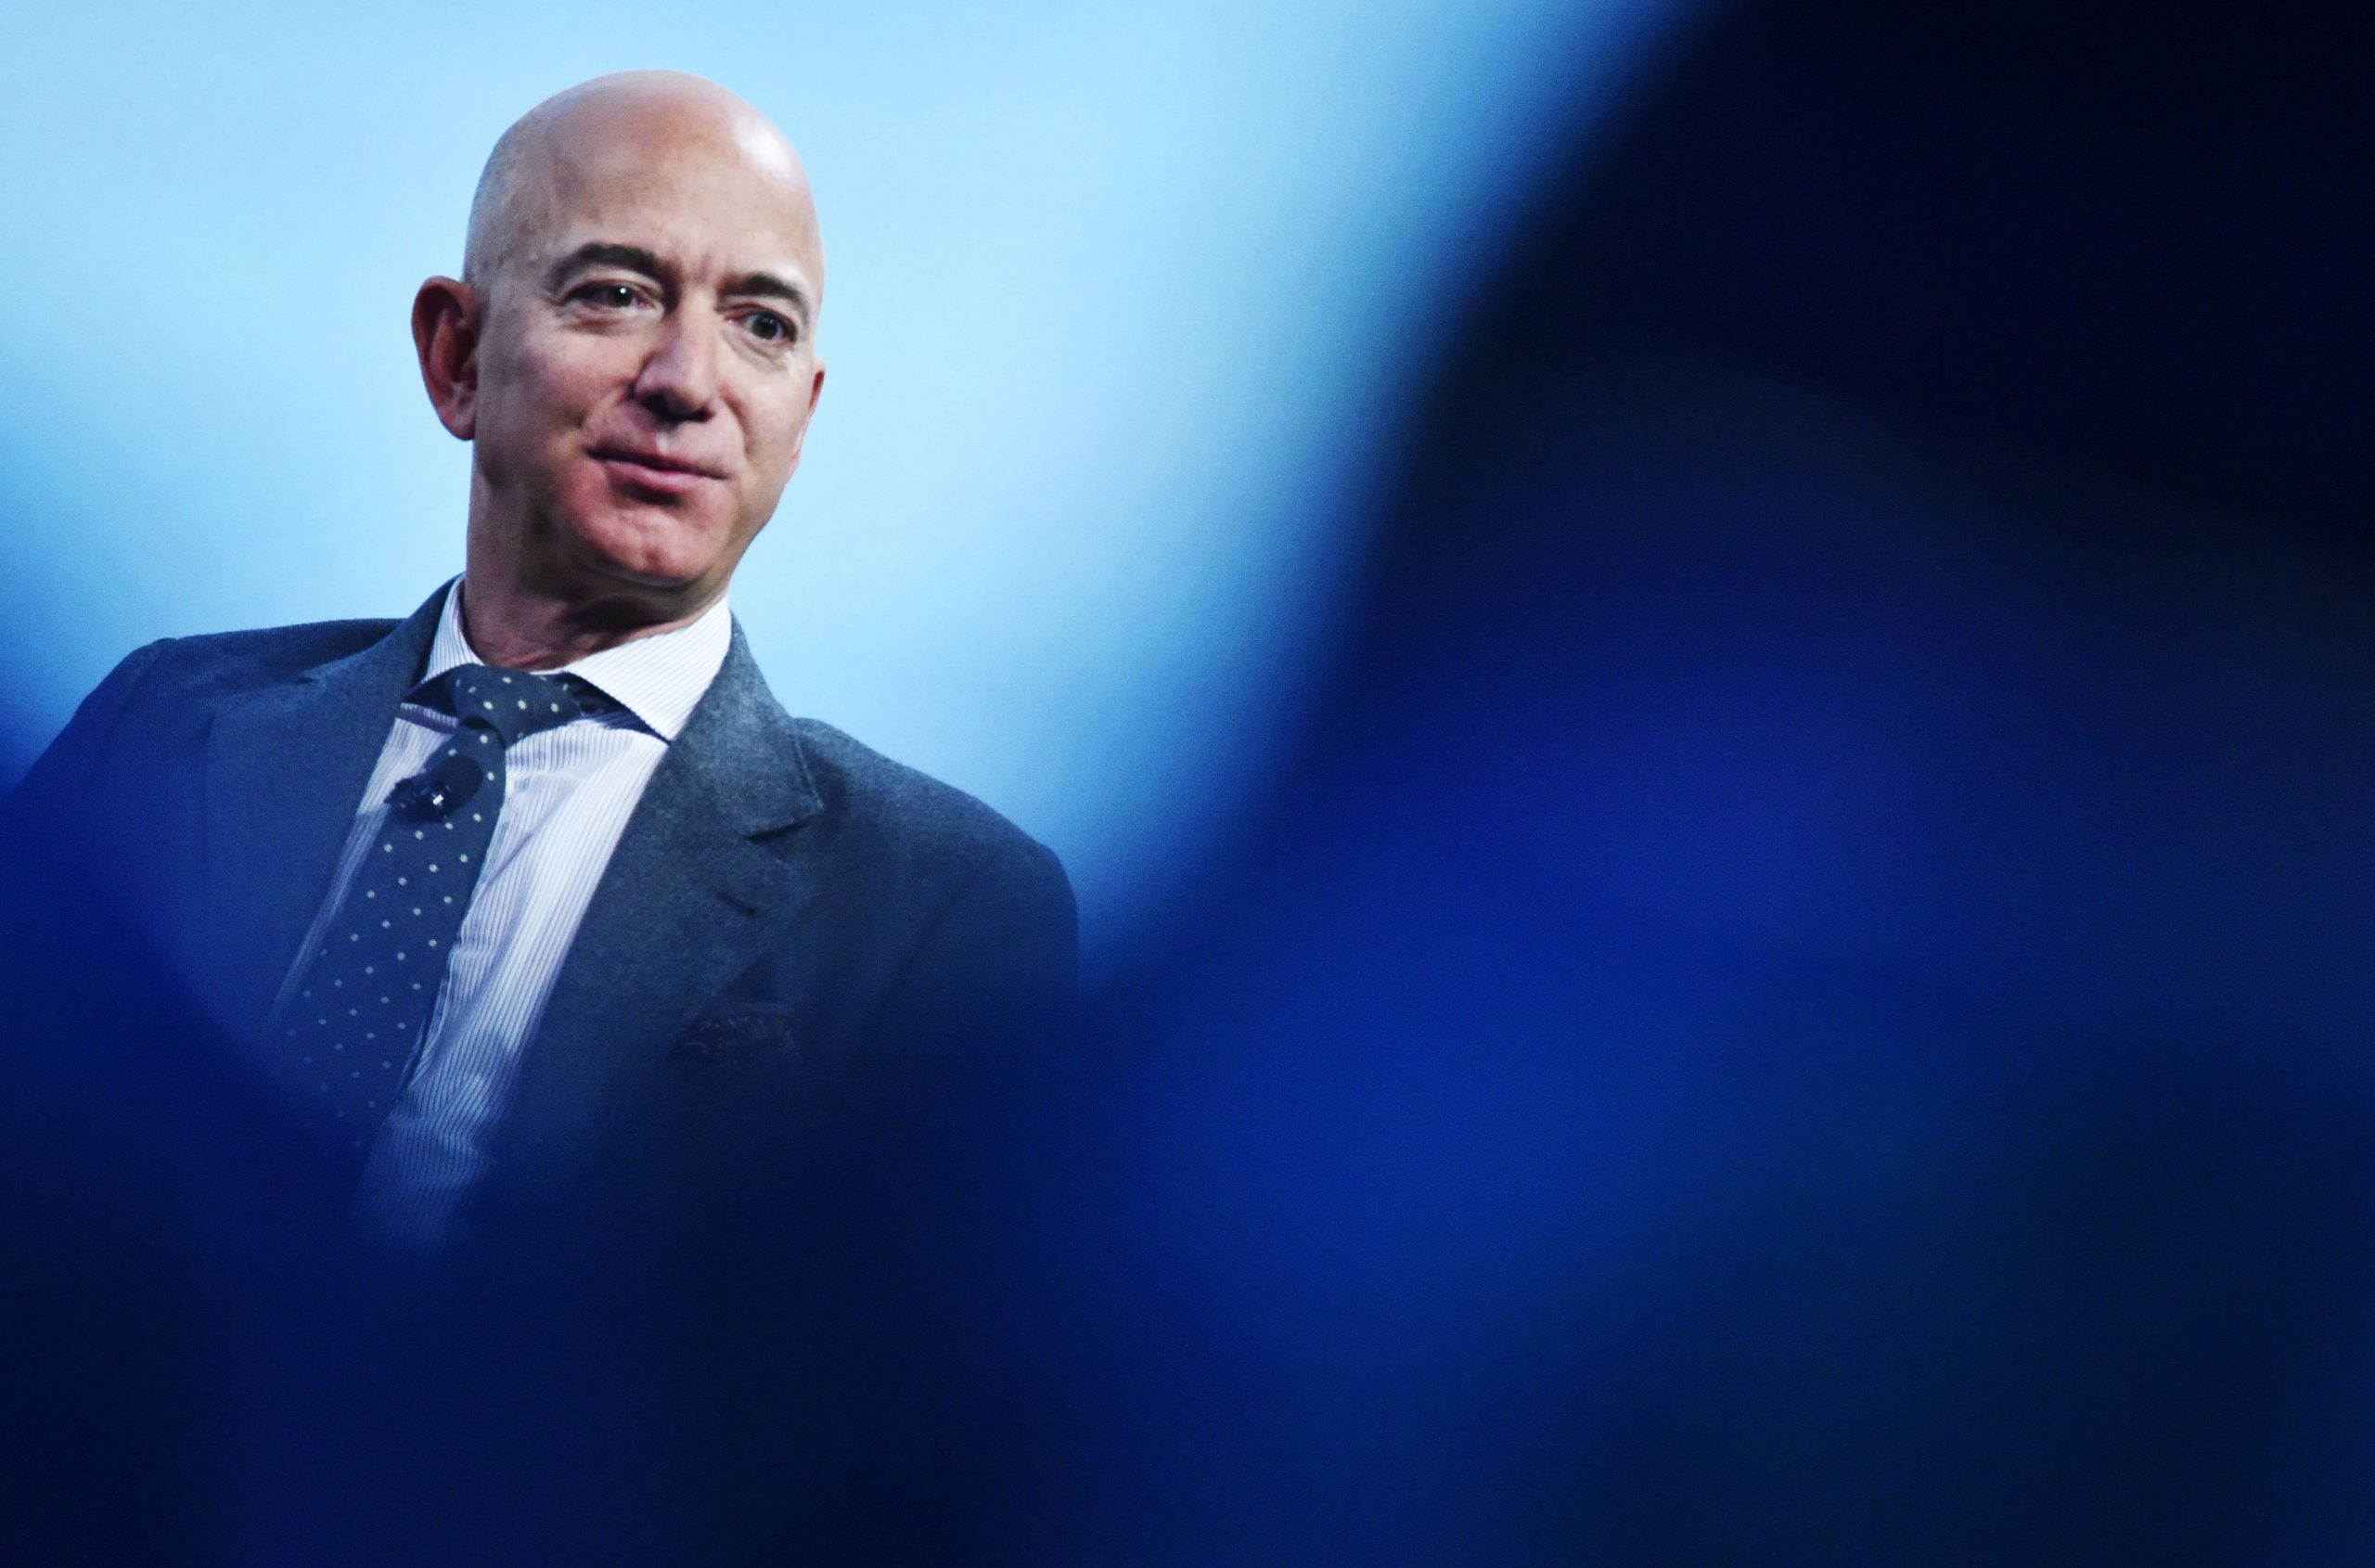 Eff ef Bezos agrega $ 13,000 millones a su fortuna en un día, un récord histórico